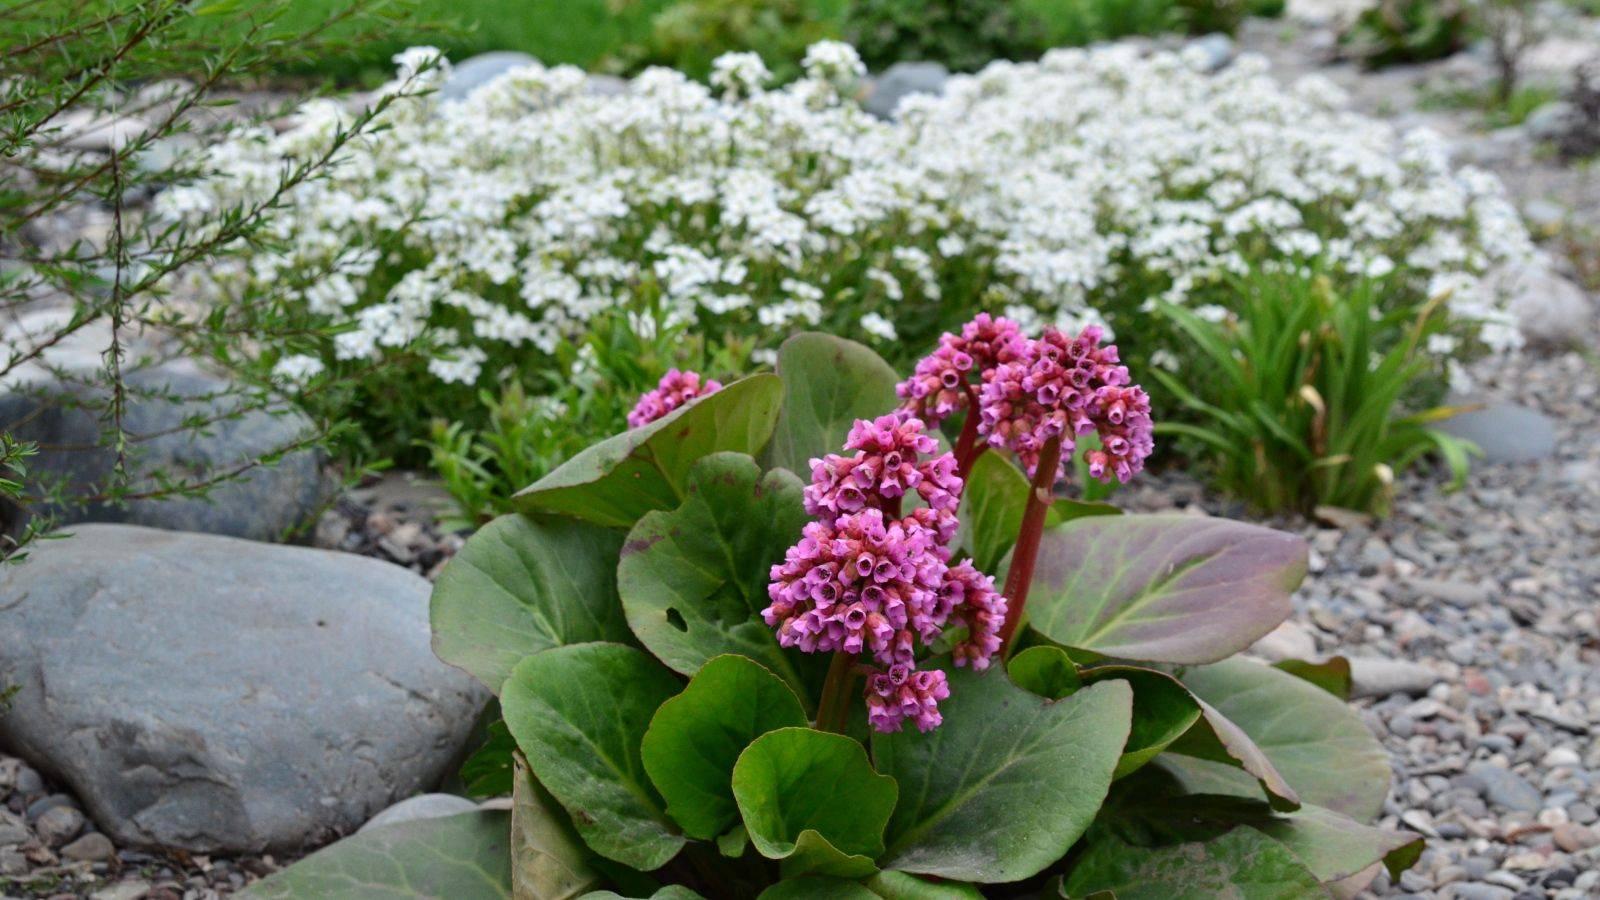 Бадан: фото цветов в ландшафтном дизайне на участке